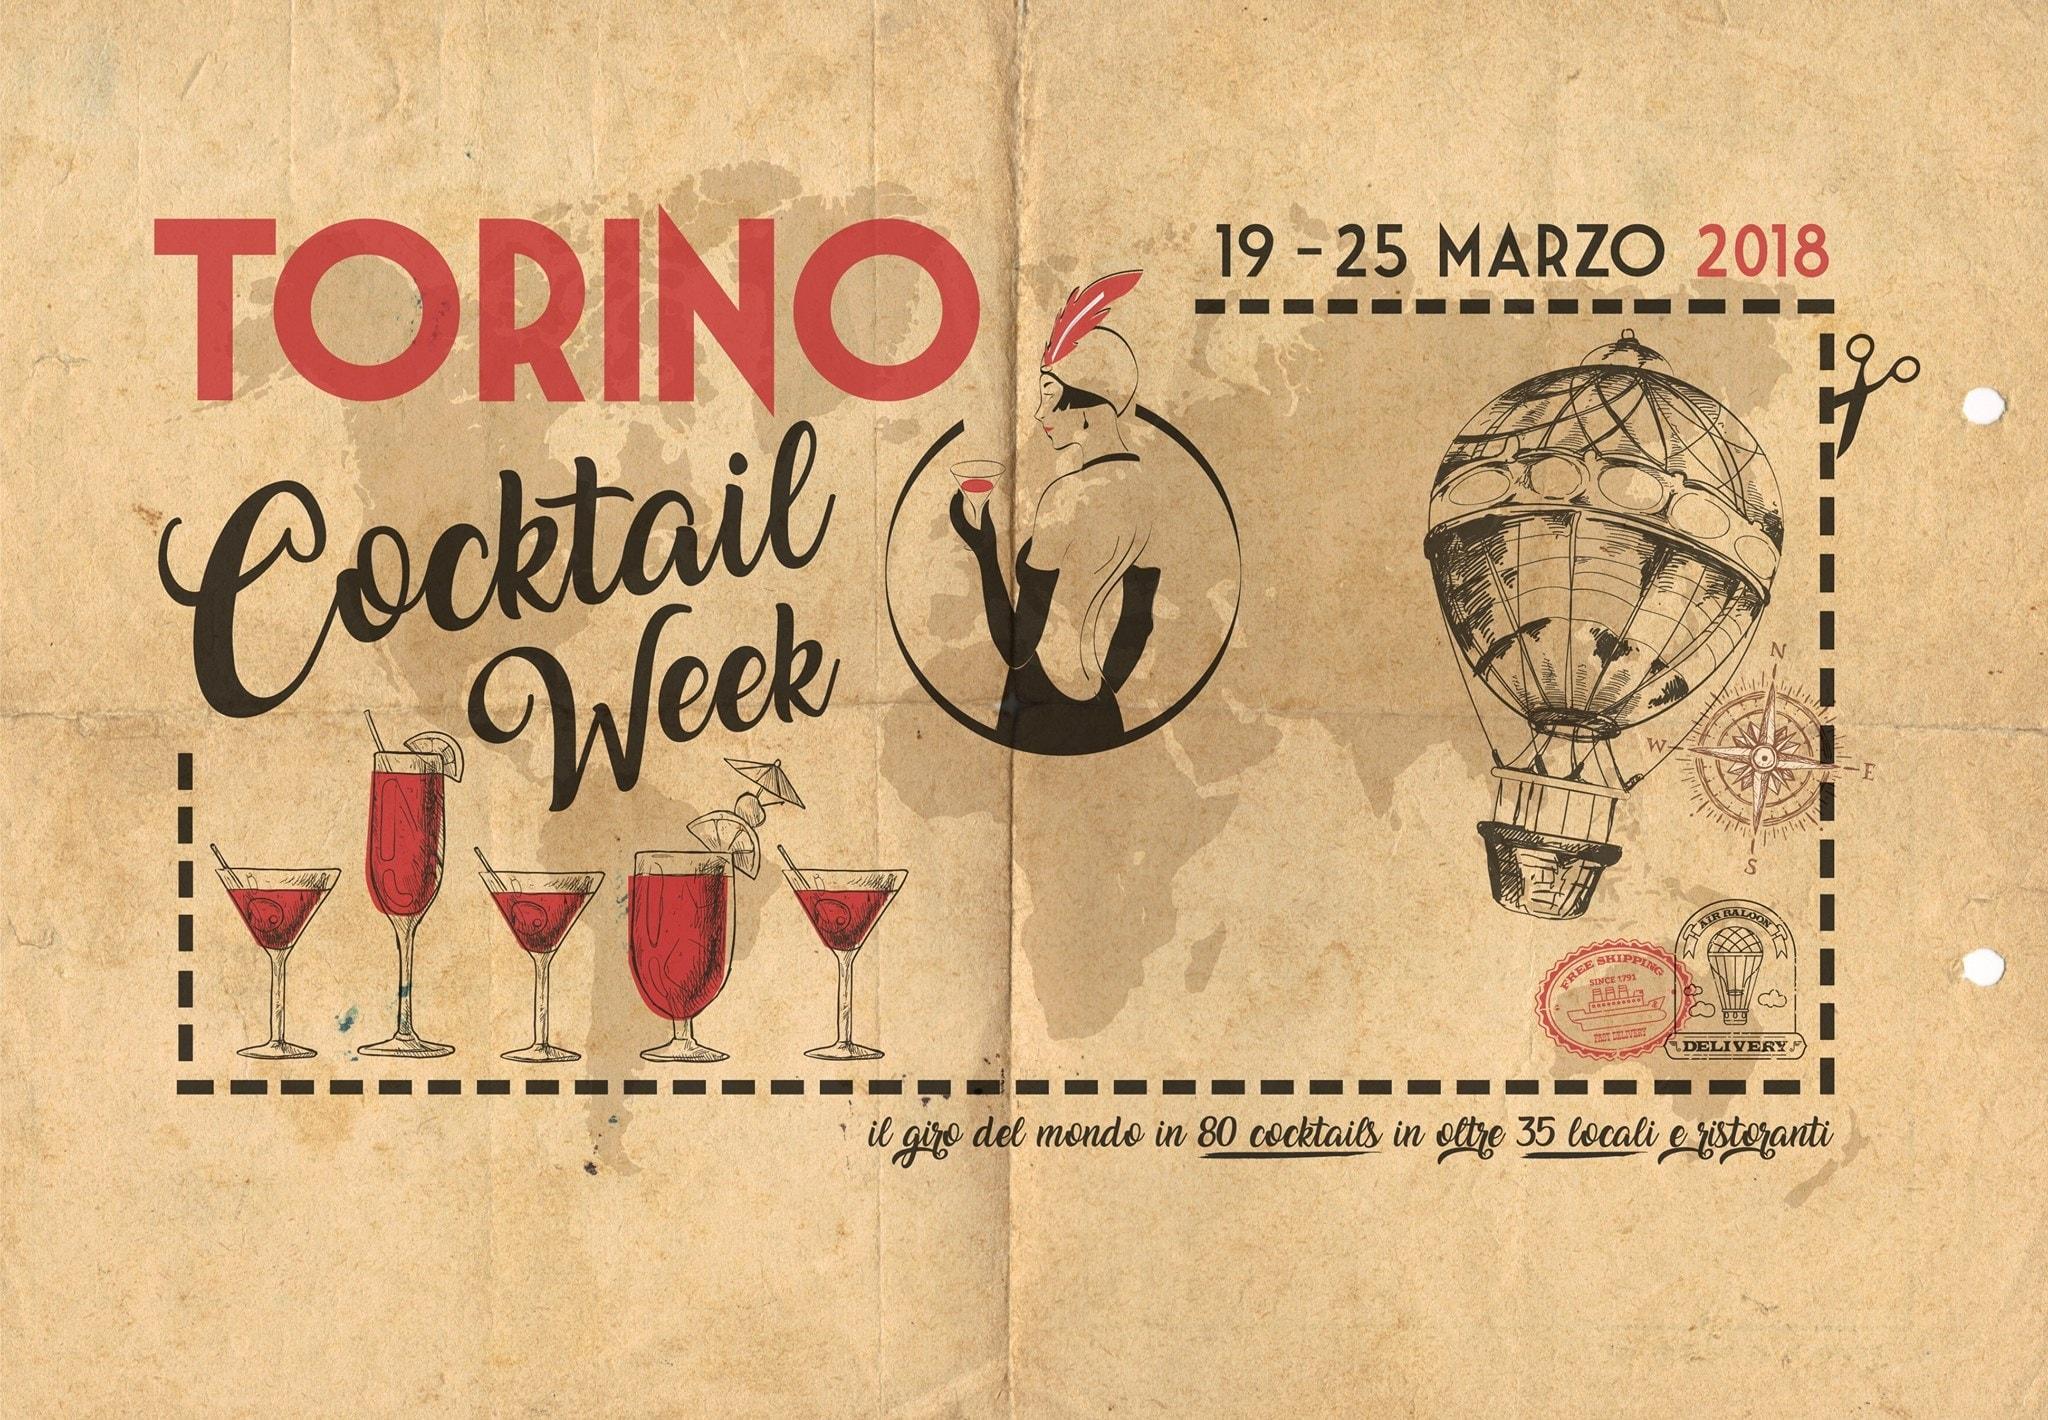 Torino Cocktail Week 2018